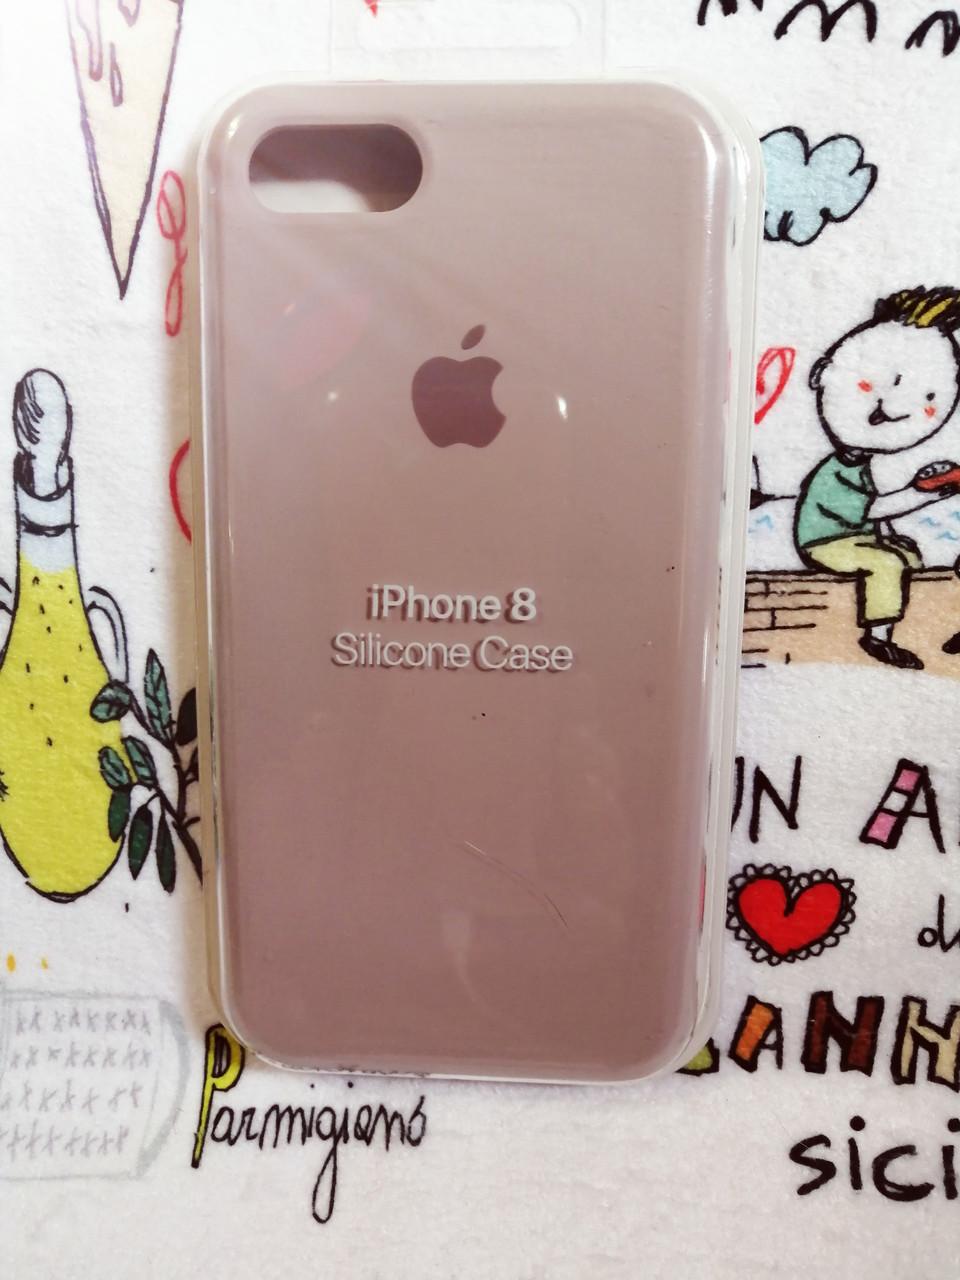 Силиконовый чехолApple Silicone CaseдляiPhone 7 / 8 - Color 7